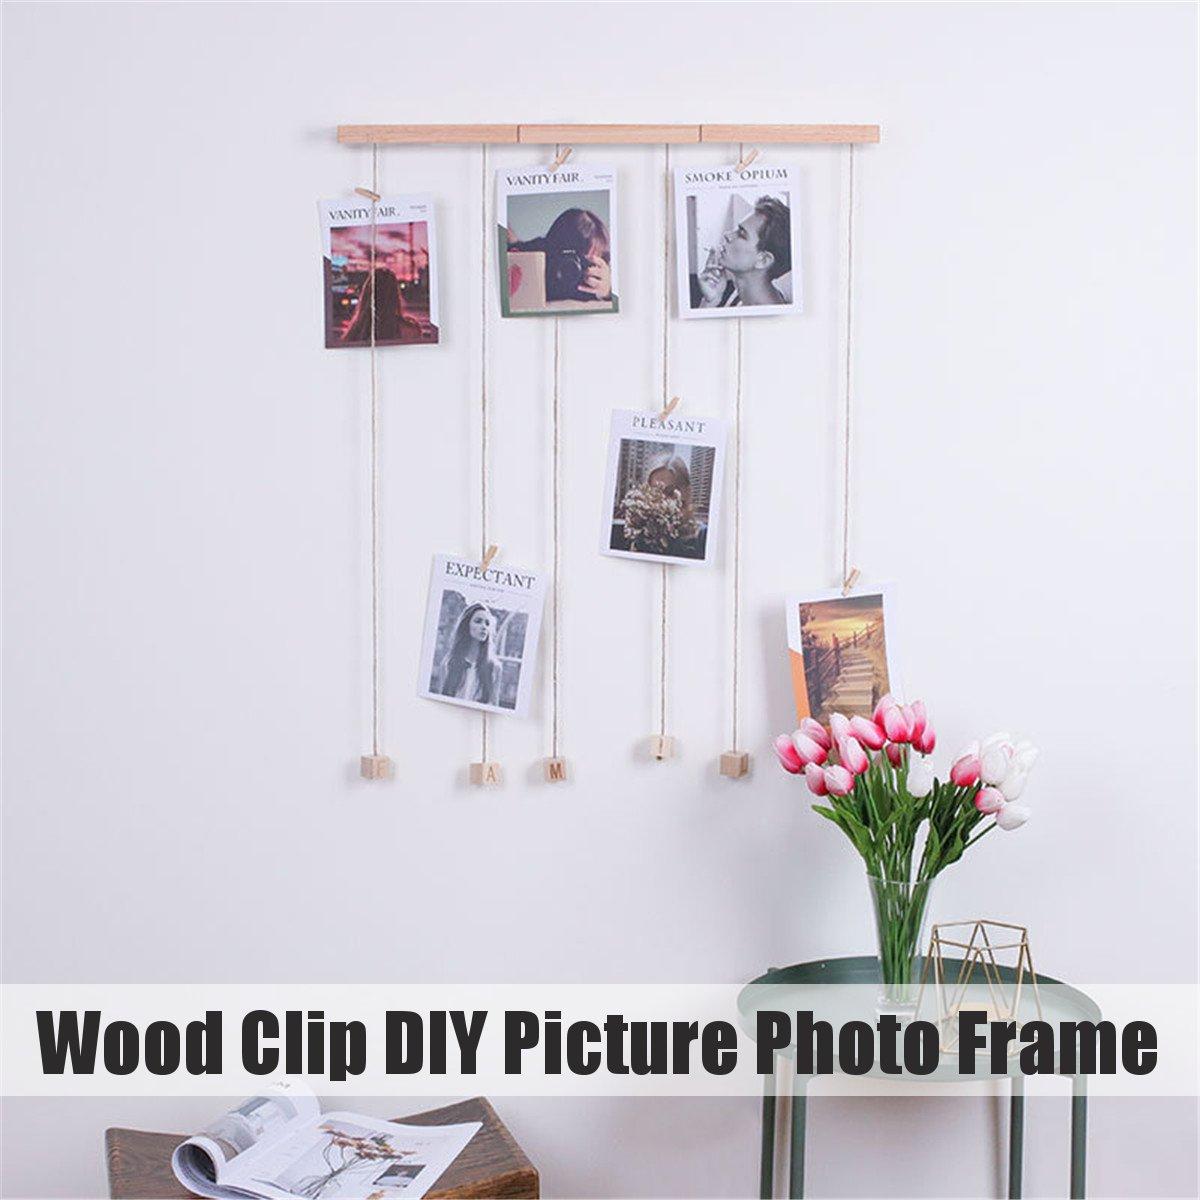 Holz Clip Bilder Fotos Rahmen Seil Kit Hängen Hause Wand Bild Foto Display Dekoration Organizer DIY Foto Collage